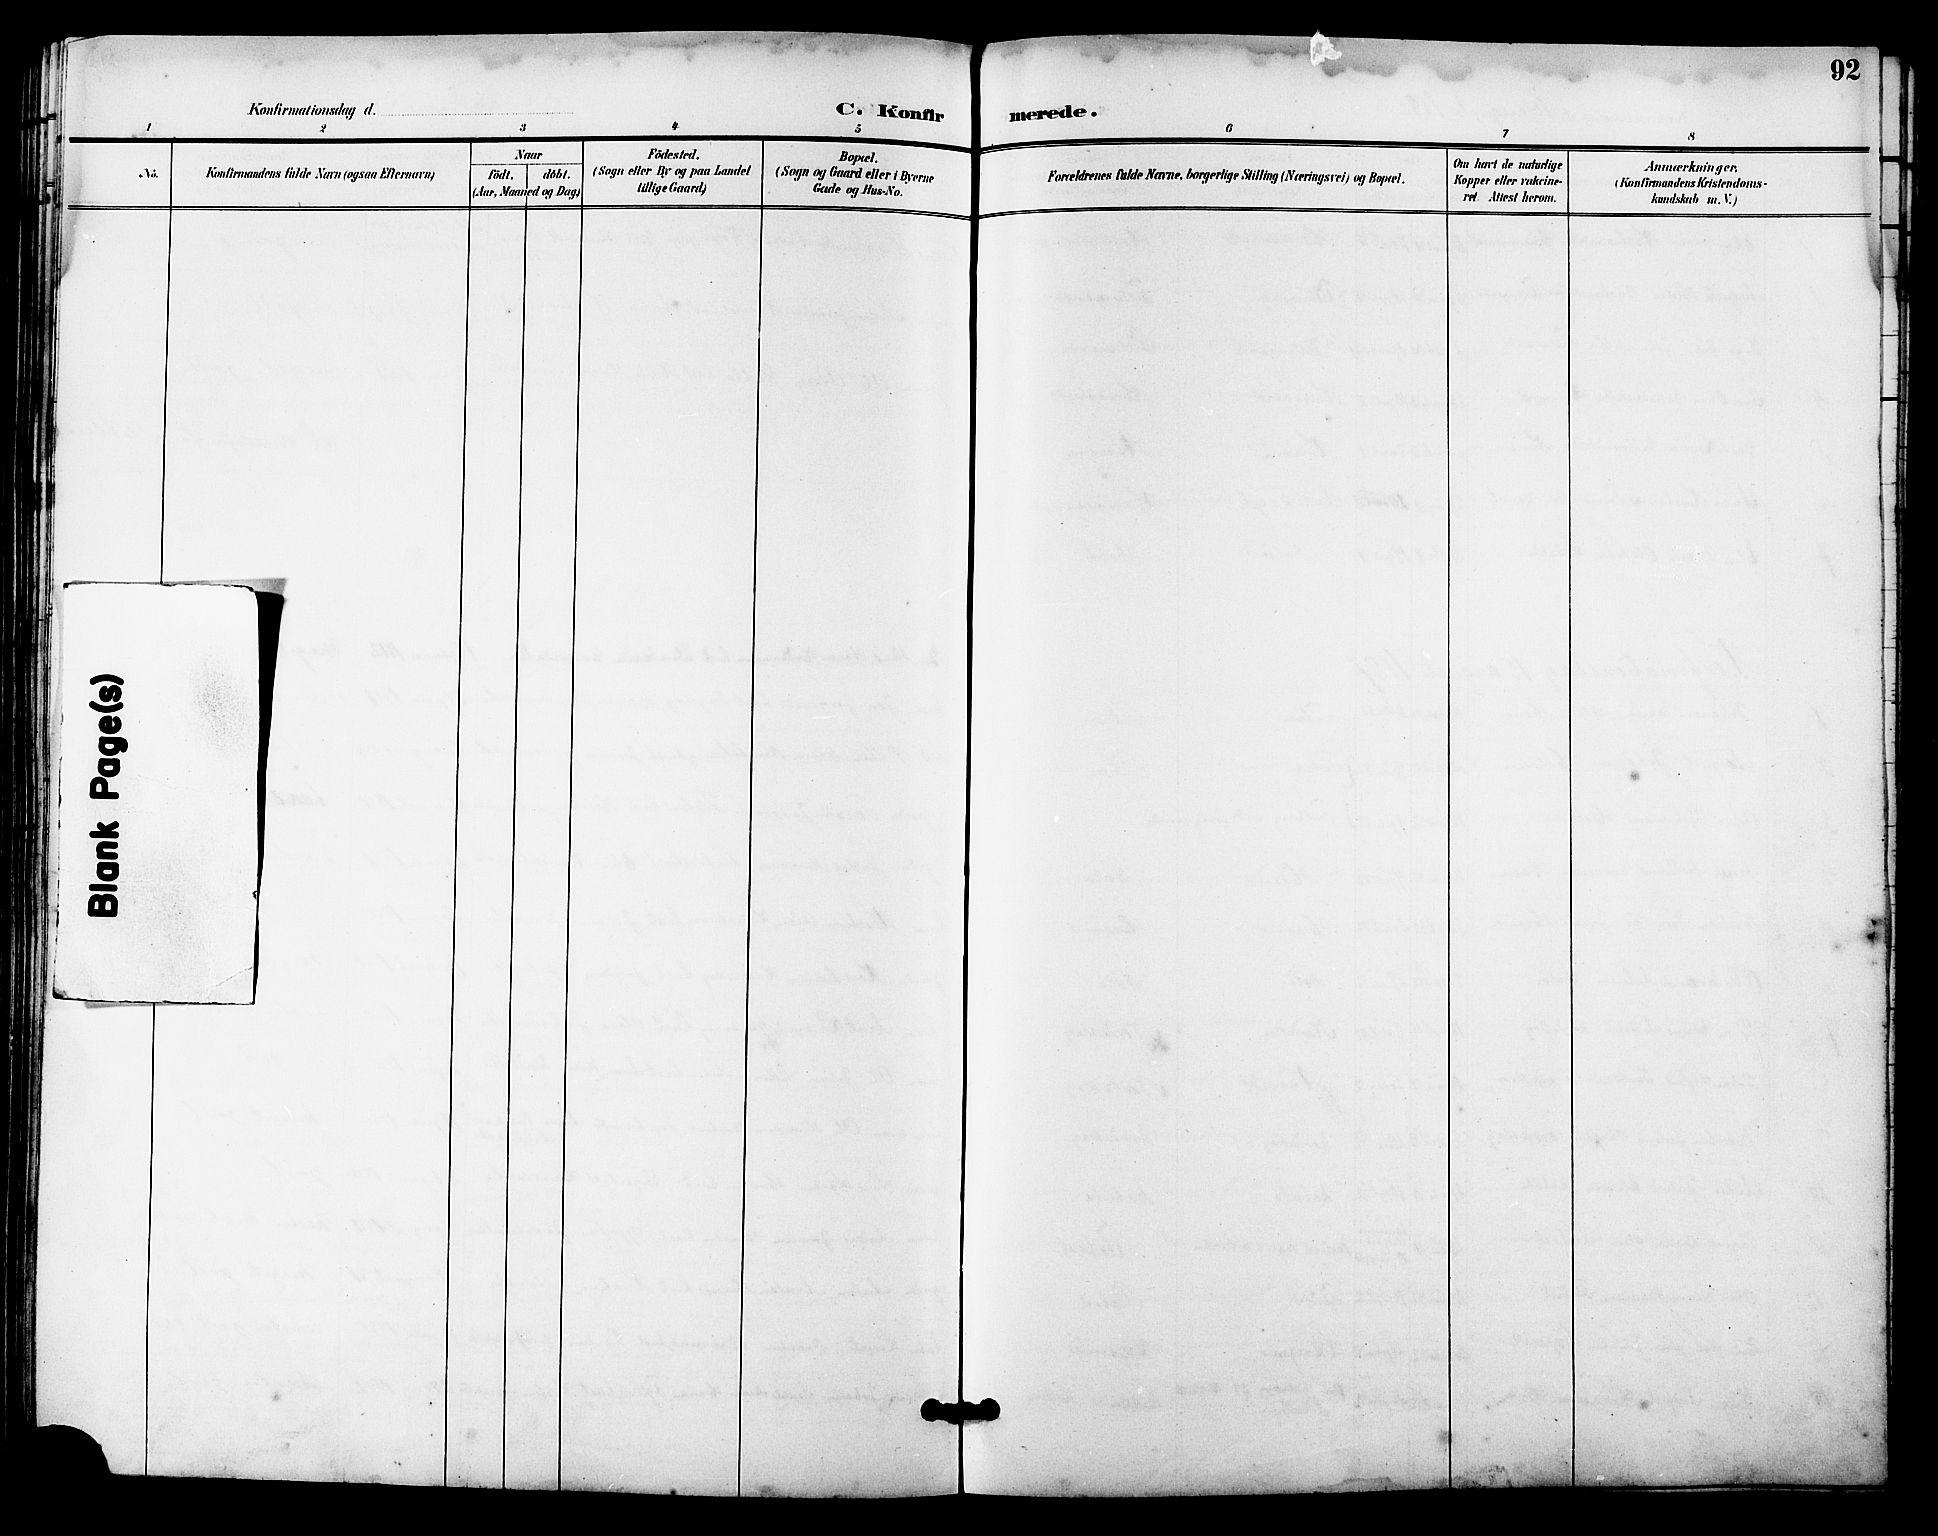 SAT, Ministerialprotokoller, klokkerbøker og fødselsregistre - Sør-Trøndelag, 641/L0598: Klokkerbok nr. 641C02, 1893-1910, s. 92